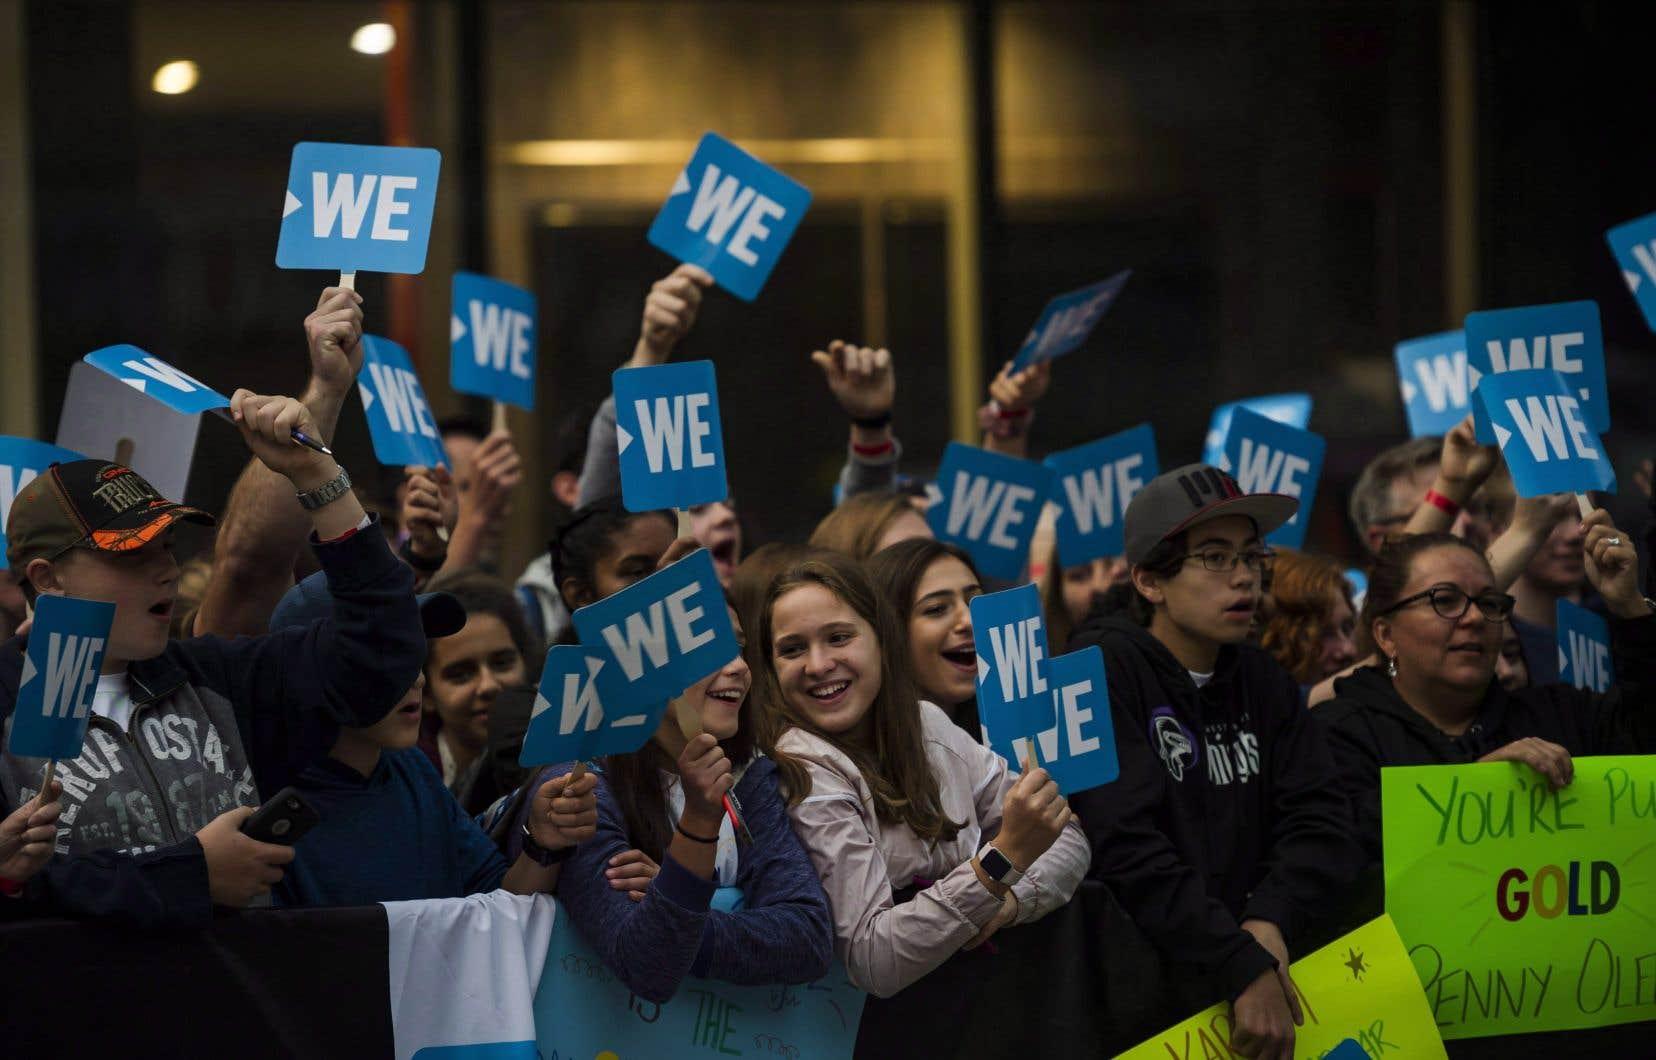 Les activités de «WE Charity» au Royaume-Uni et aux États-Unis ne seront pas immédiatement affectées.